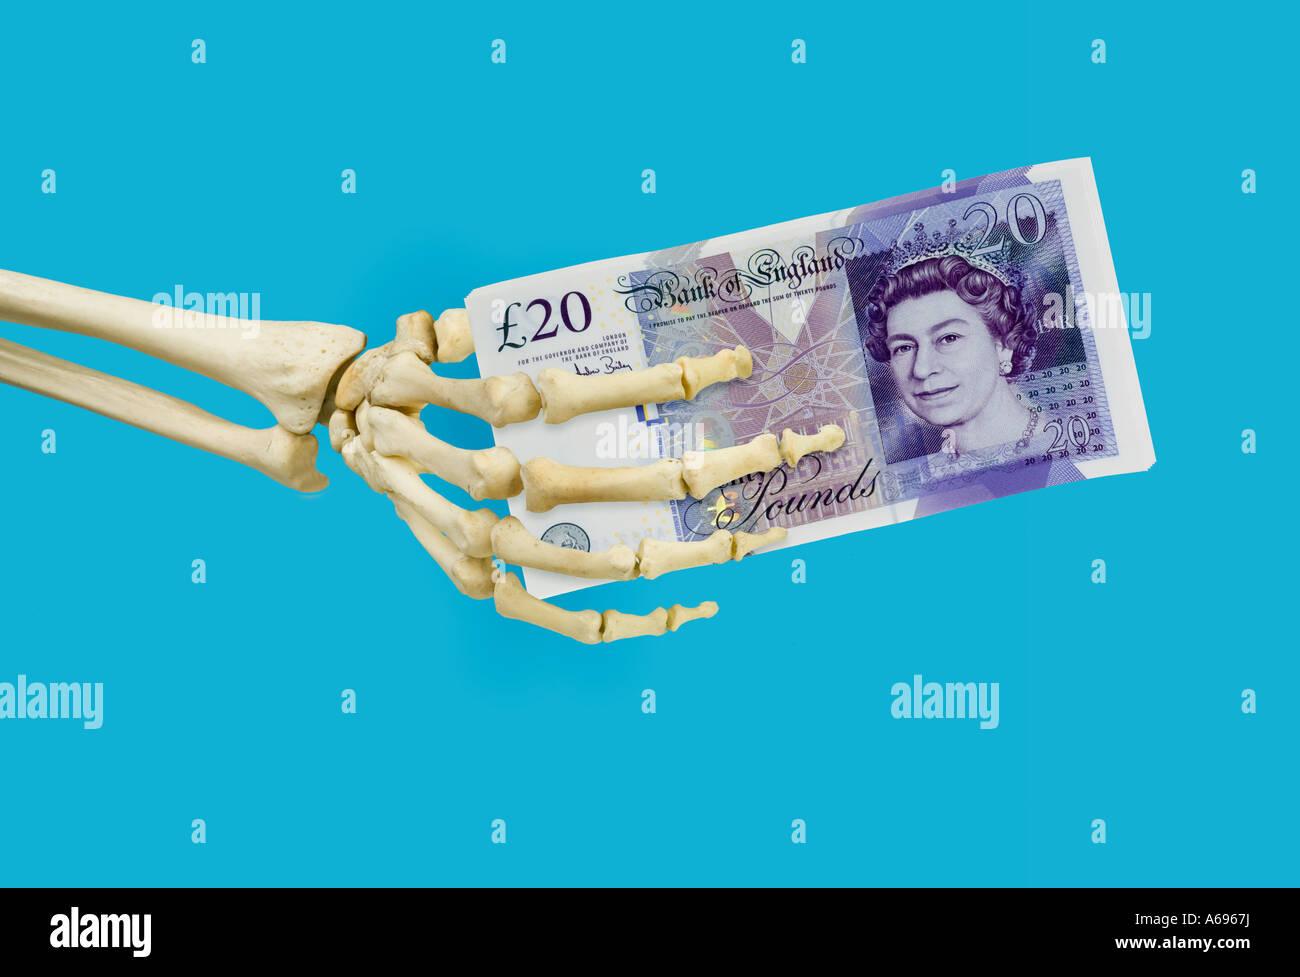 Esqueleto Humano Sujetando La Mano Derecha 20 New British Pound